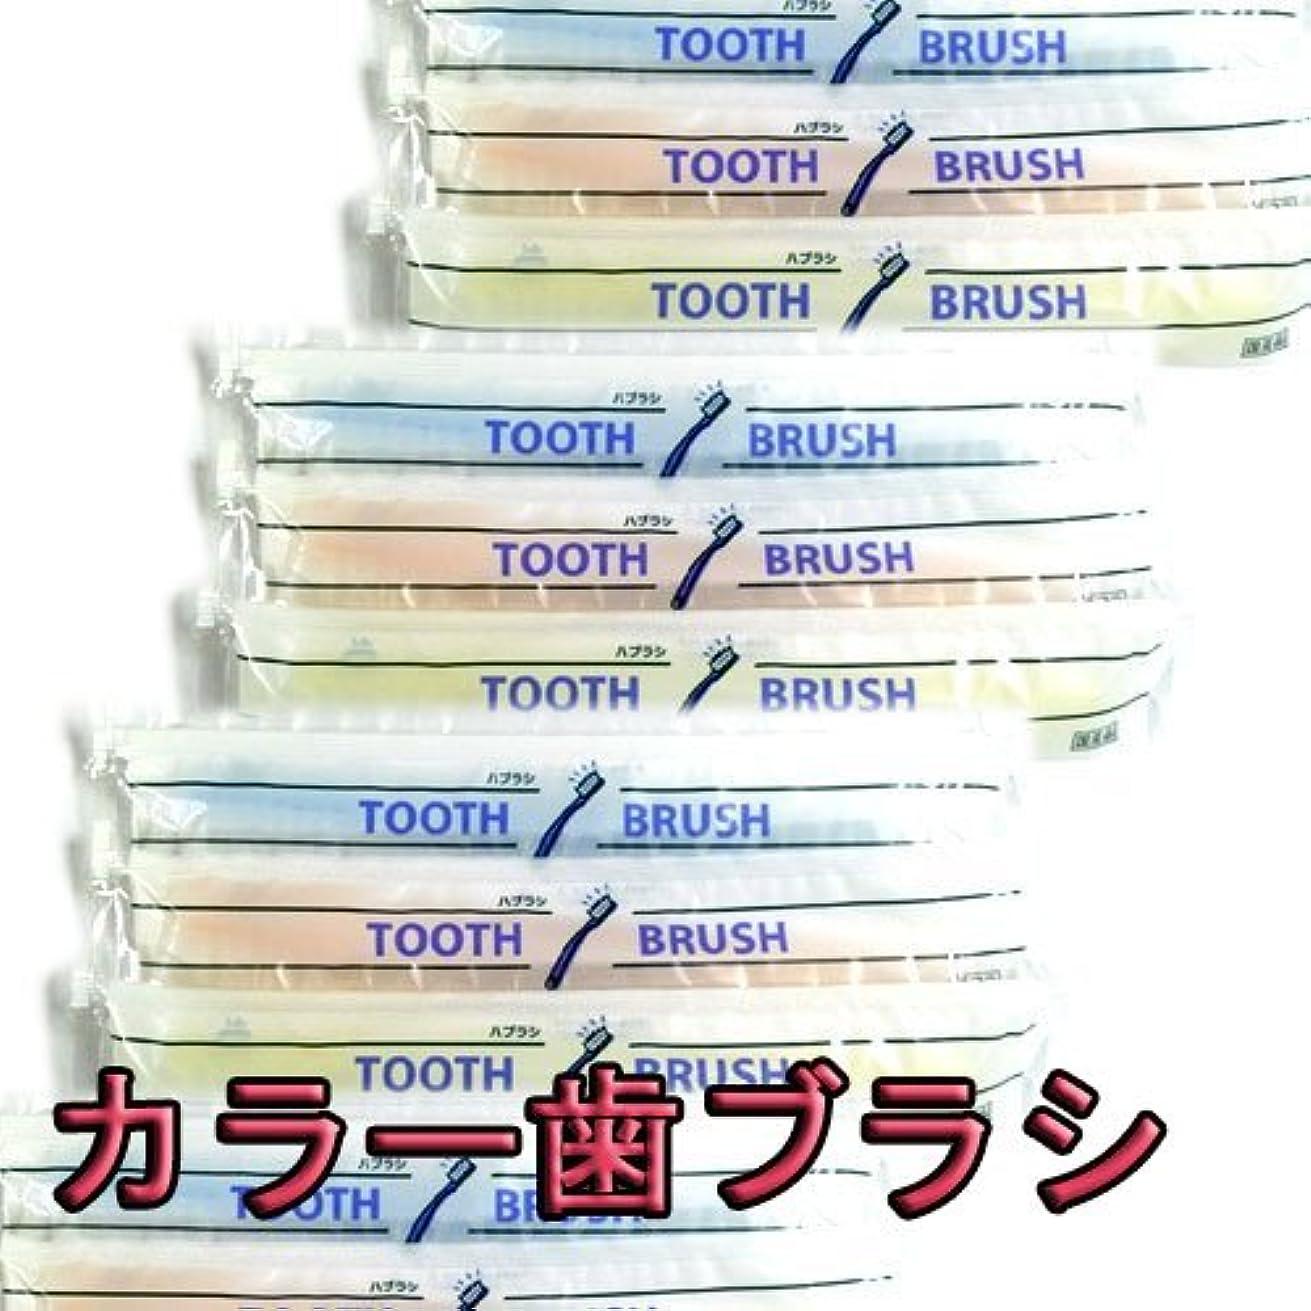 唇スポーツマン薬使い捨て(インスタント) 粉付き歯ブラシ(10本組)(旅行用?お客様用に) 増量中 日本製